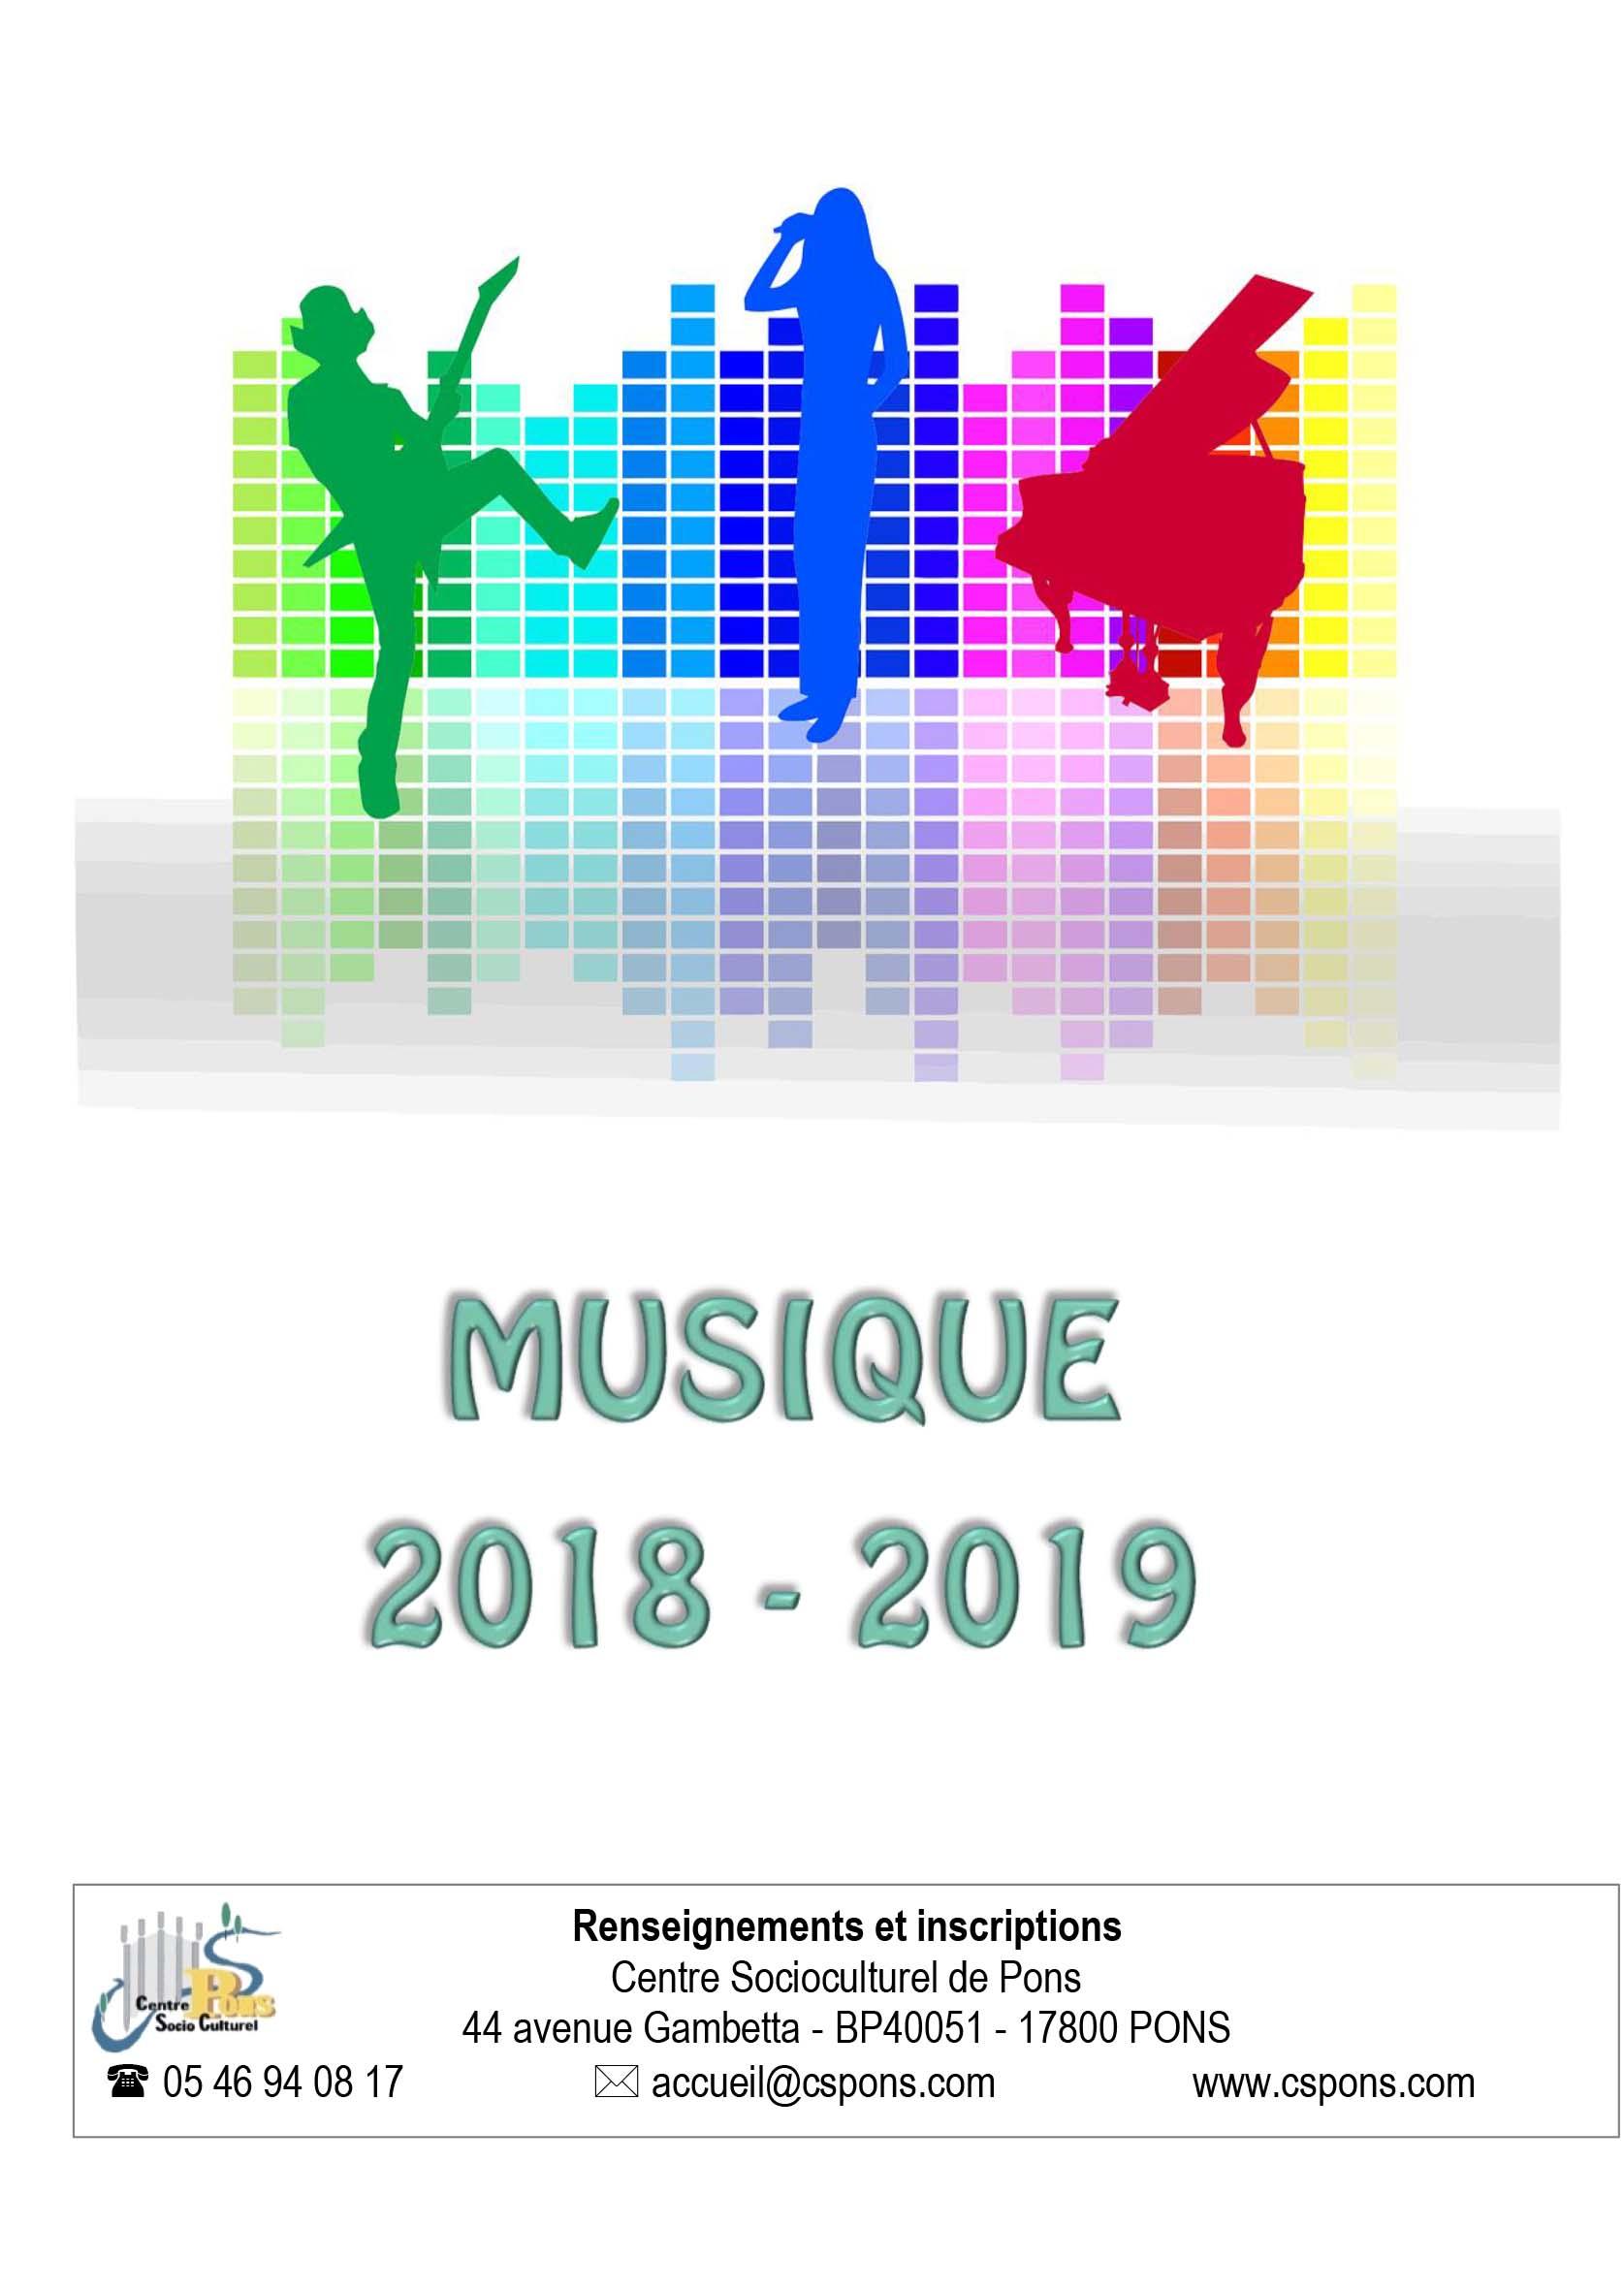 MUSIQUE 2019-1